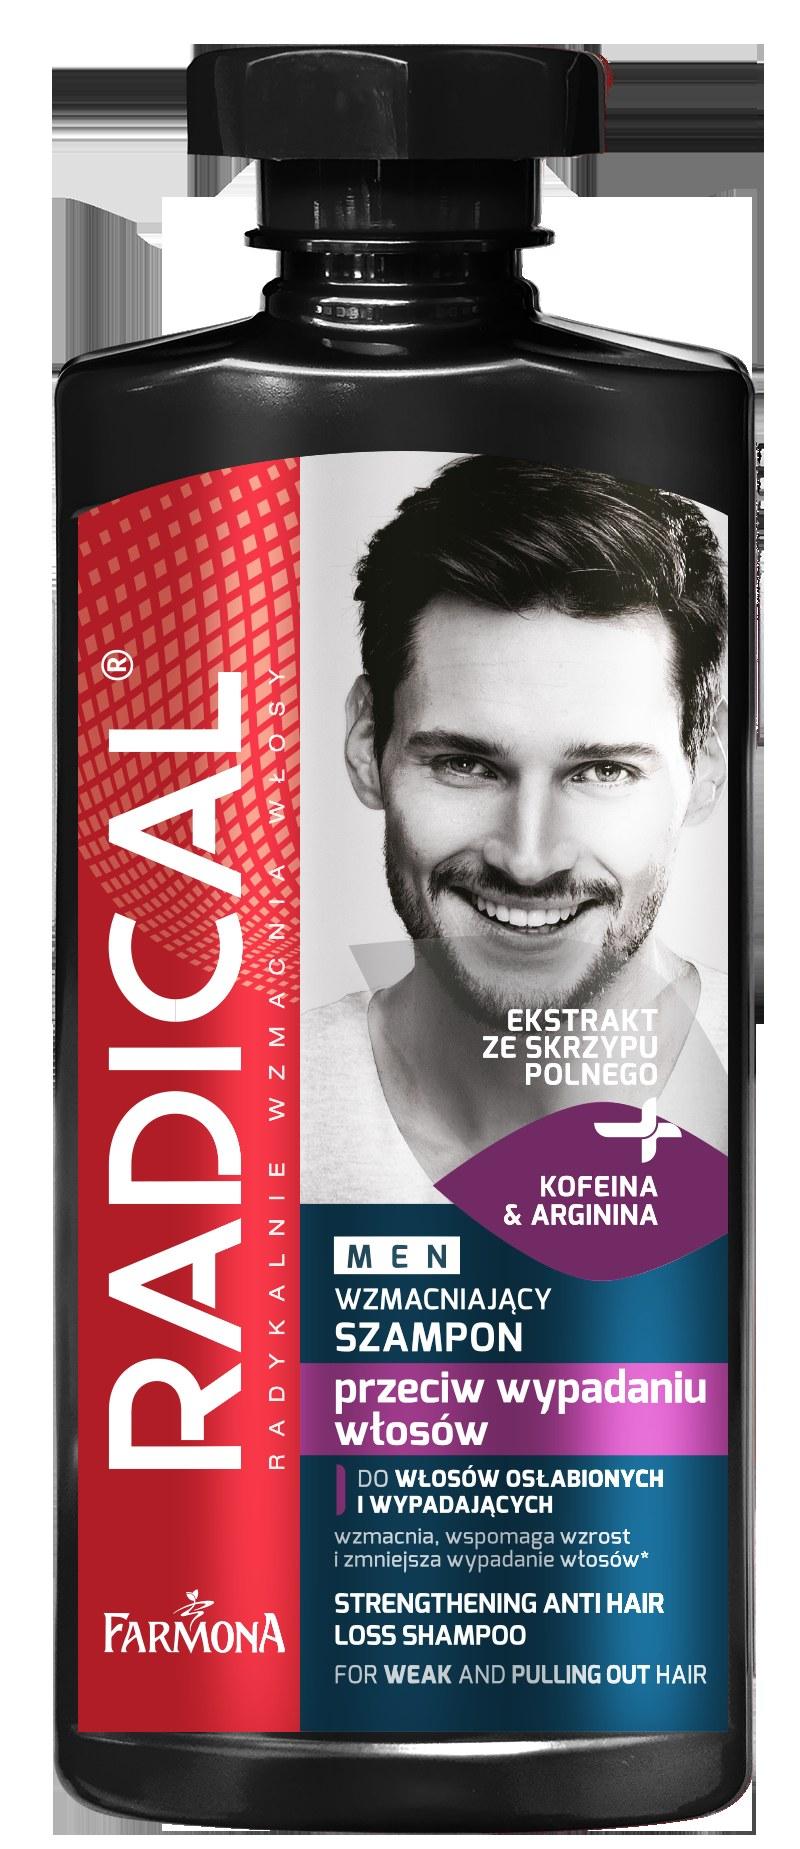 RADICAL MEN wzmacniający szampon przeciw wypadaniu do włosów słabych i wypadających /INTERIA.PL/materiały prasowe